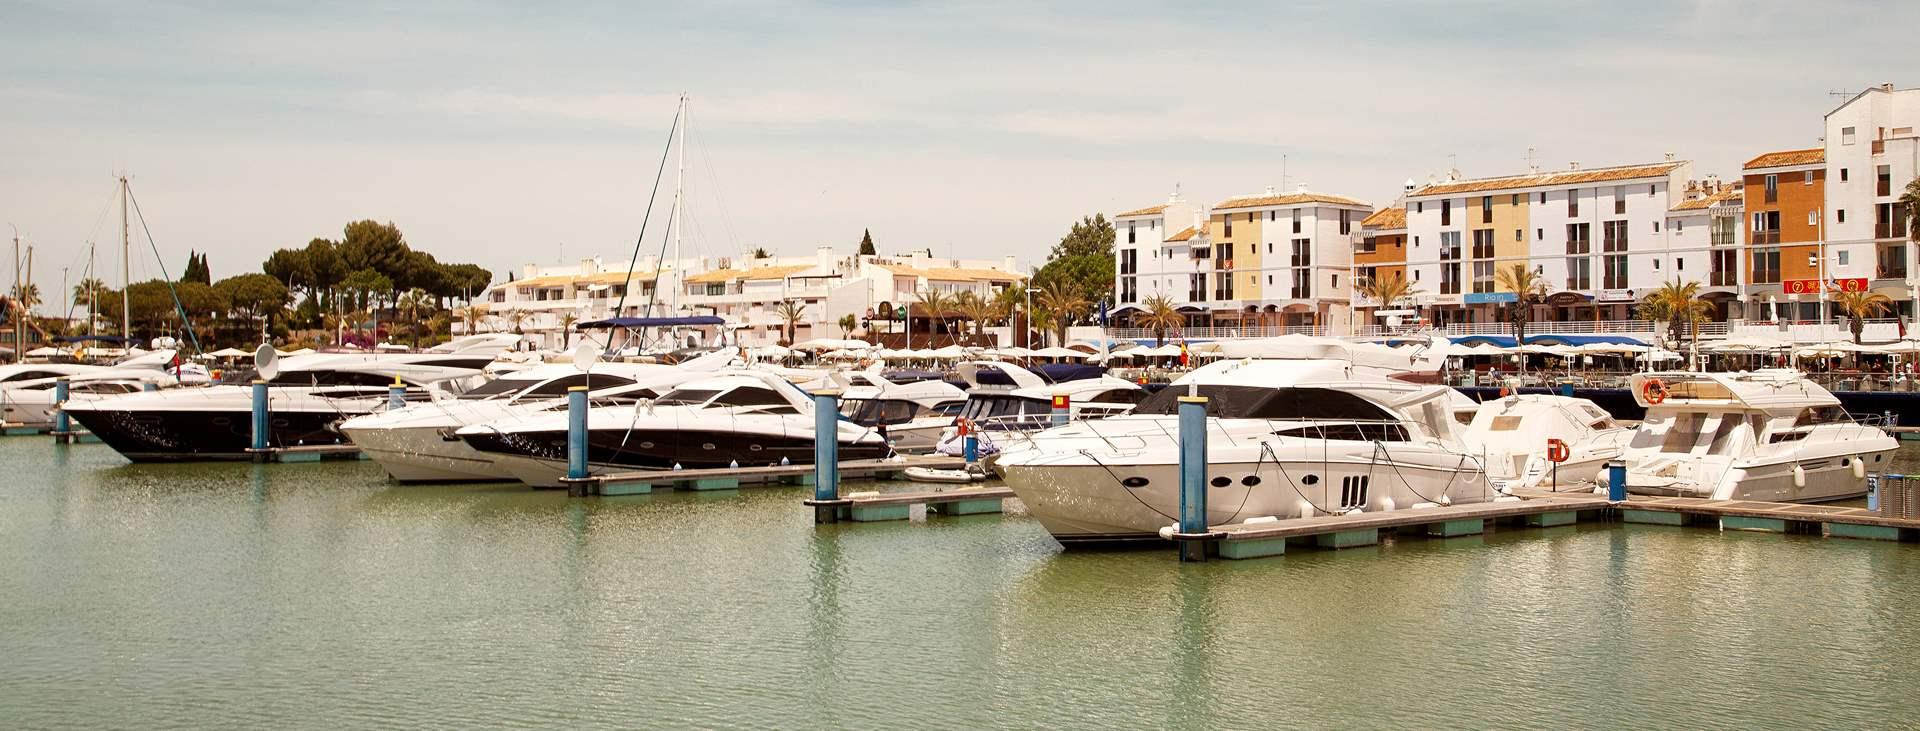 Boka din resa till Vilamoura på Algarvekusten med Ving